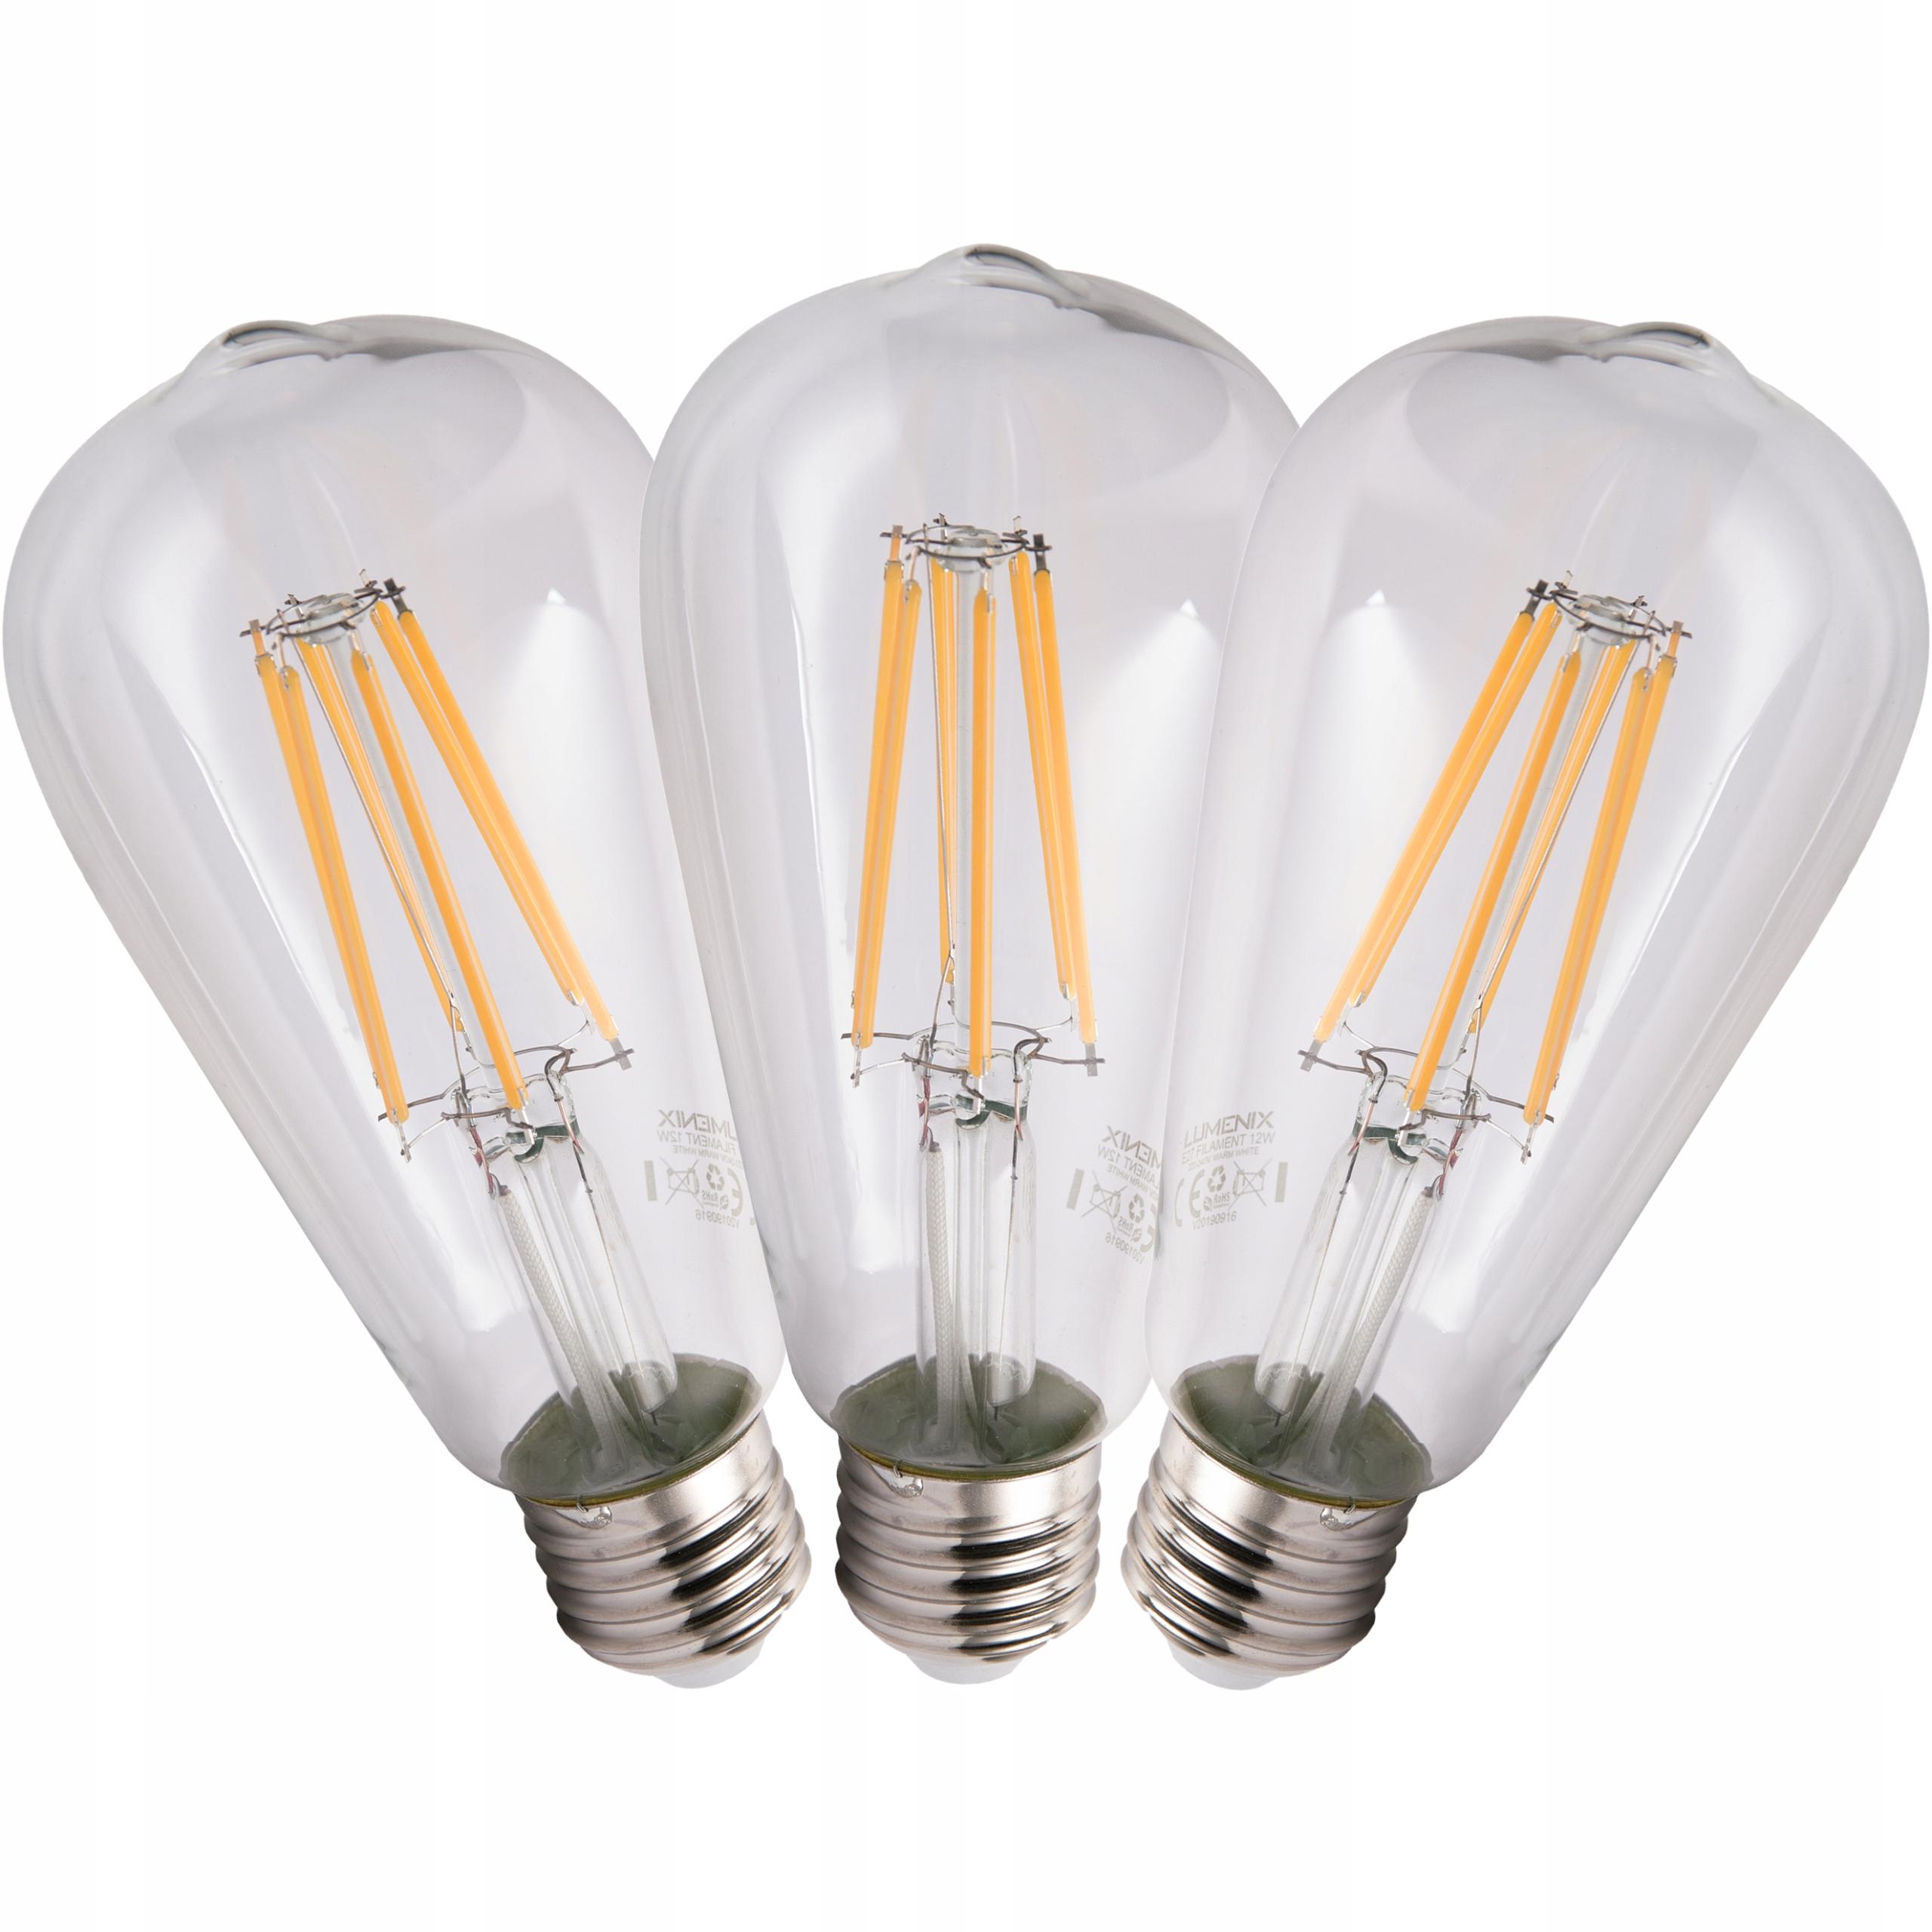 10x žiarovka E27 LED FILAMENT 12W TEPLÉ TEAROVÉ dekorácie